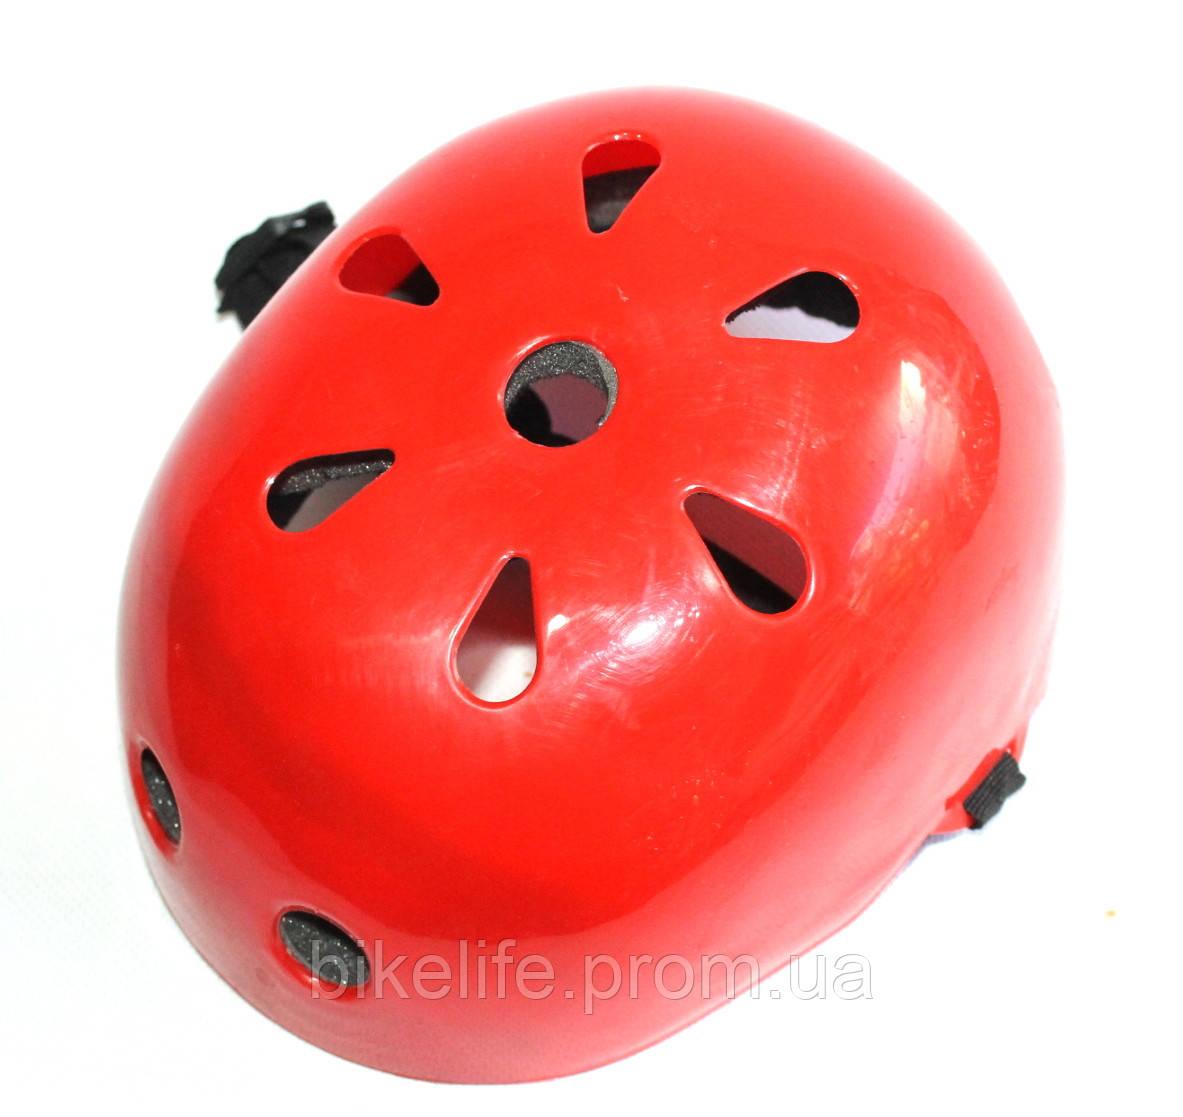 Шлем-защита для велосипедистов (Вело-шлем) (мал.)